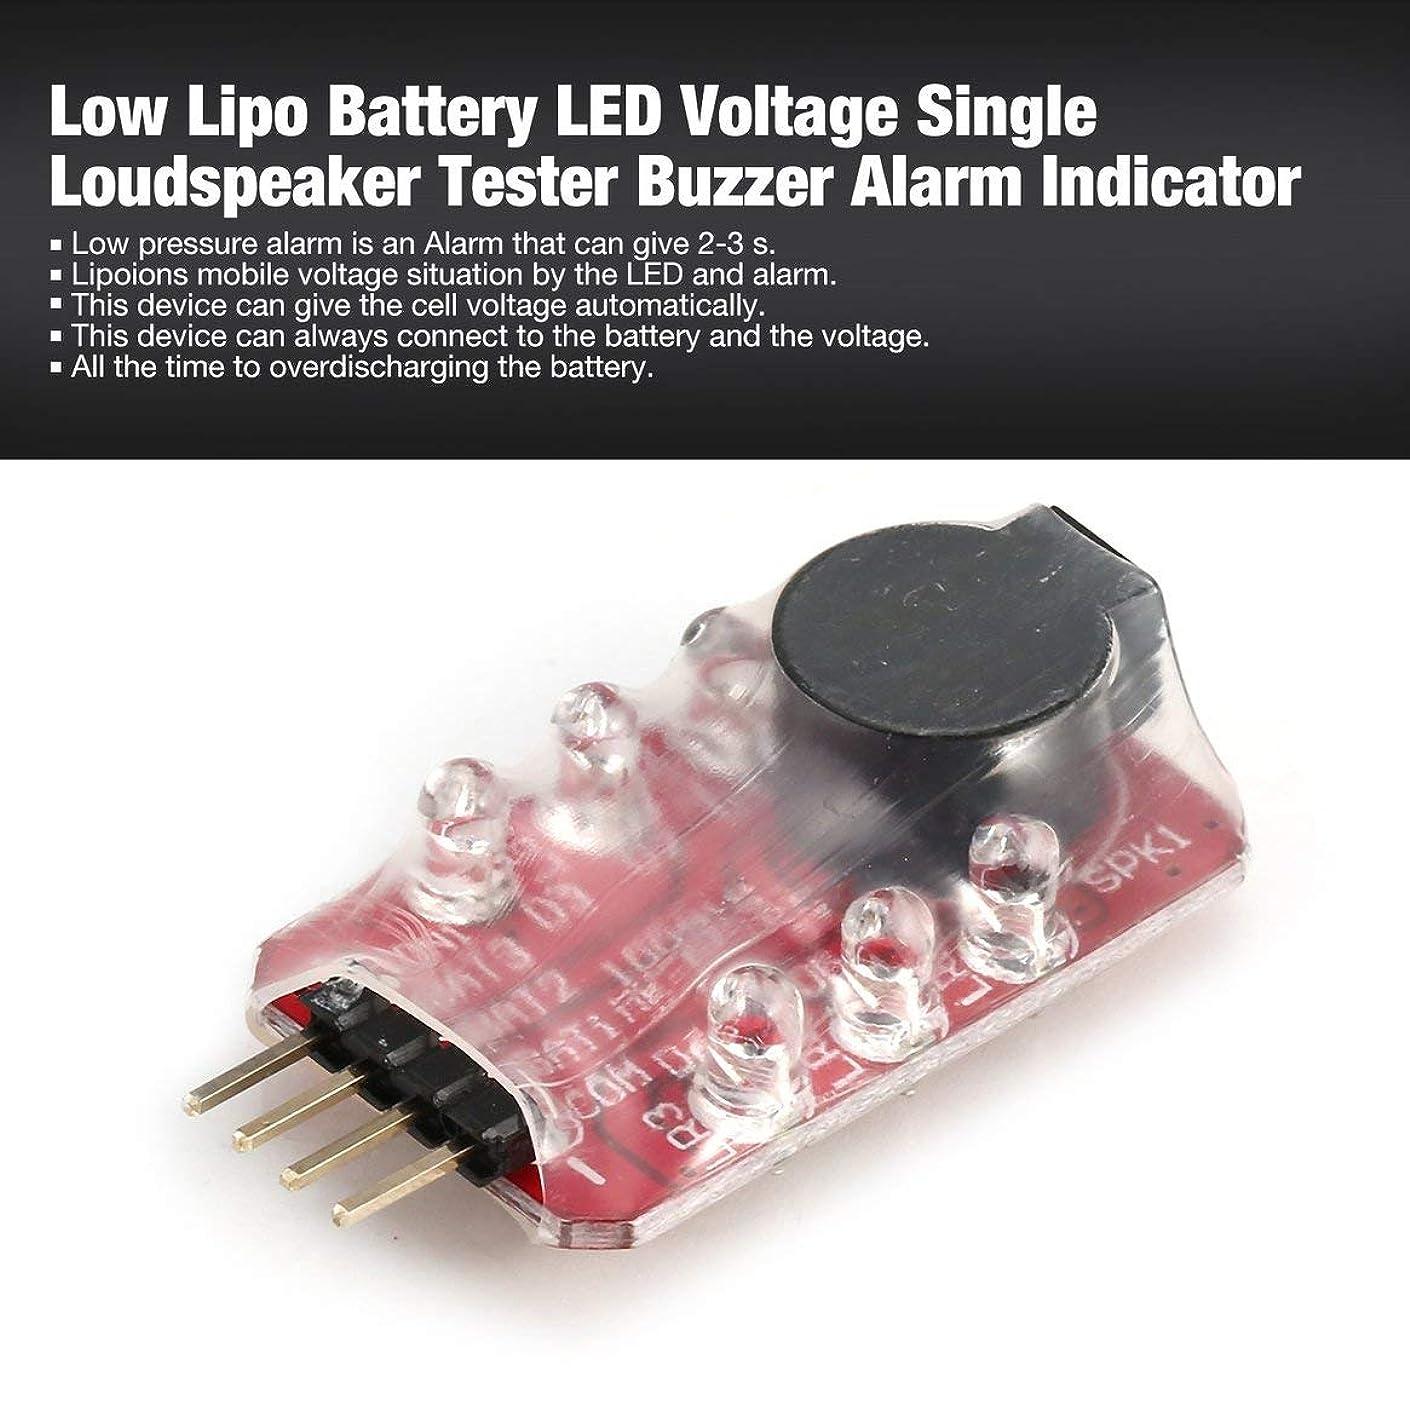 注意中断なに低リポ電池LED電圧計テスターブザー警報インジケータシングルスピーカー2 s 7.4 v / 3 s 11.1 vリポ電池(赤)